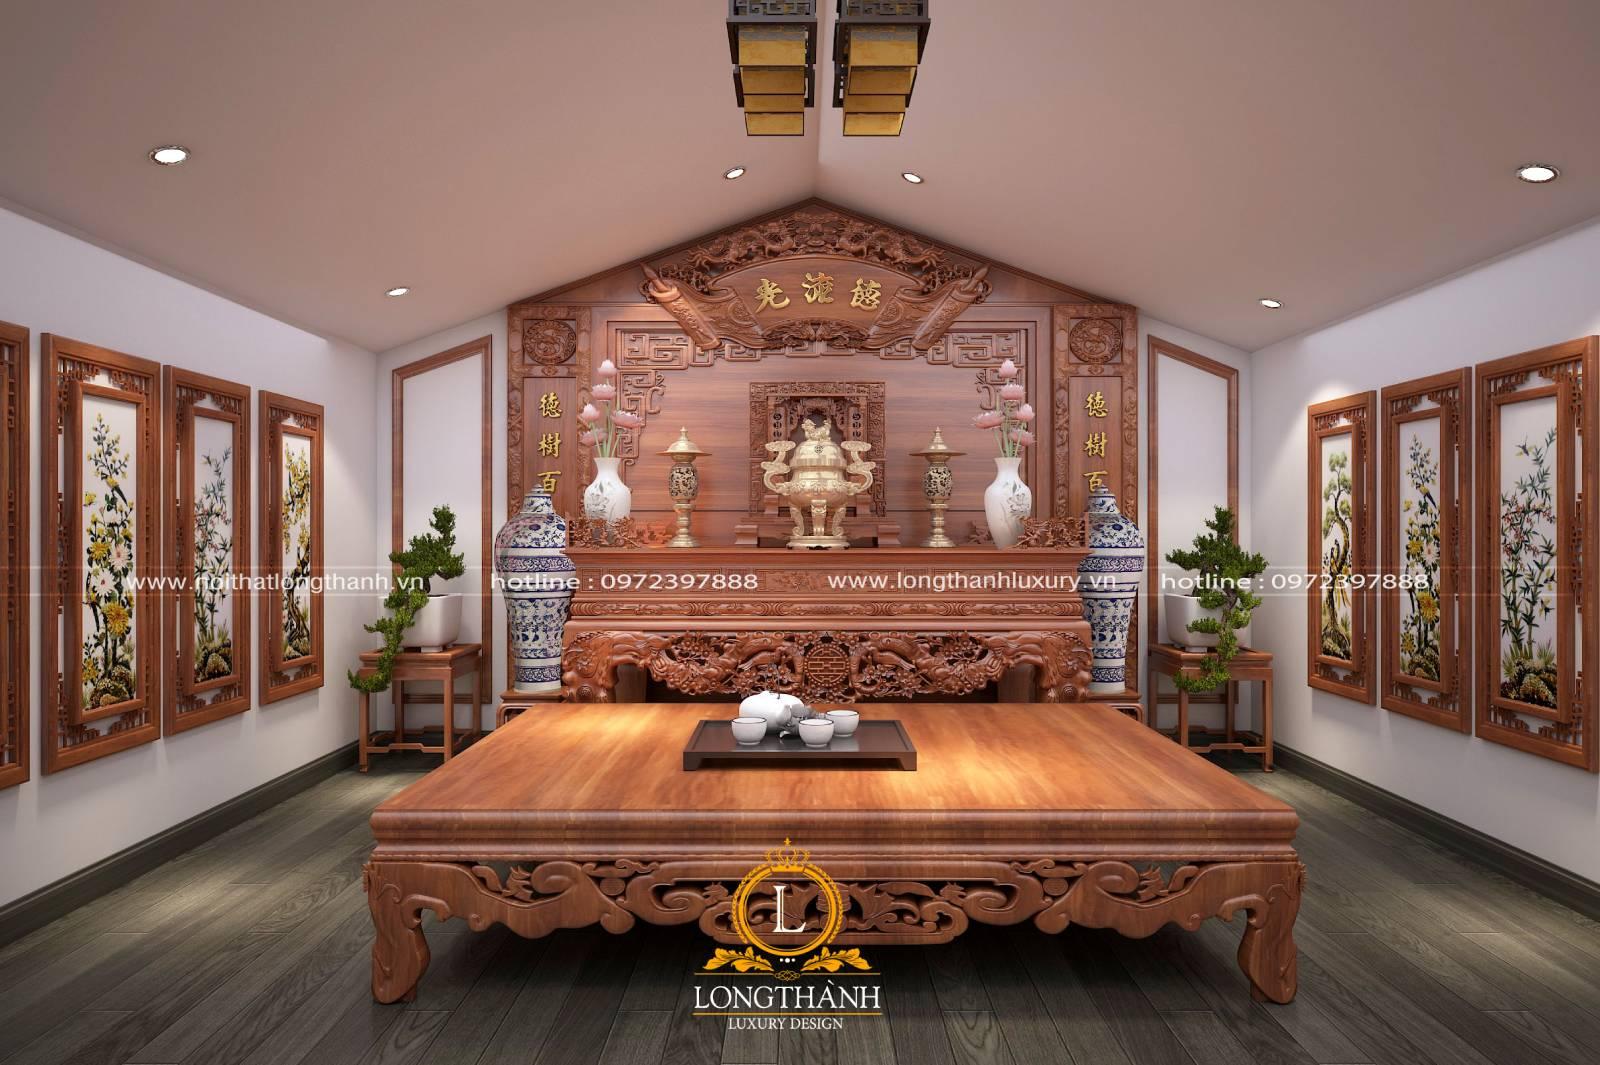 Bộ đồ thờ cho chung cư sử dụng chất liệu gỗ tự nhiên cao cấp